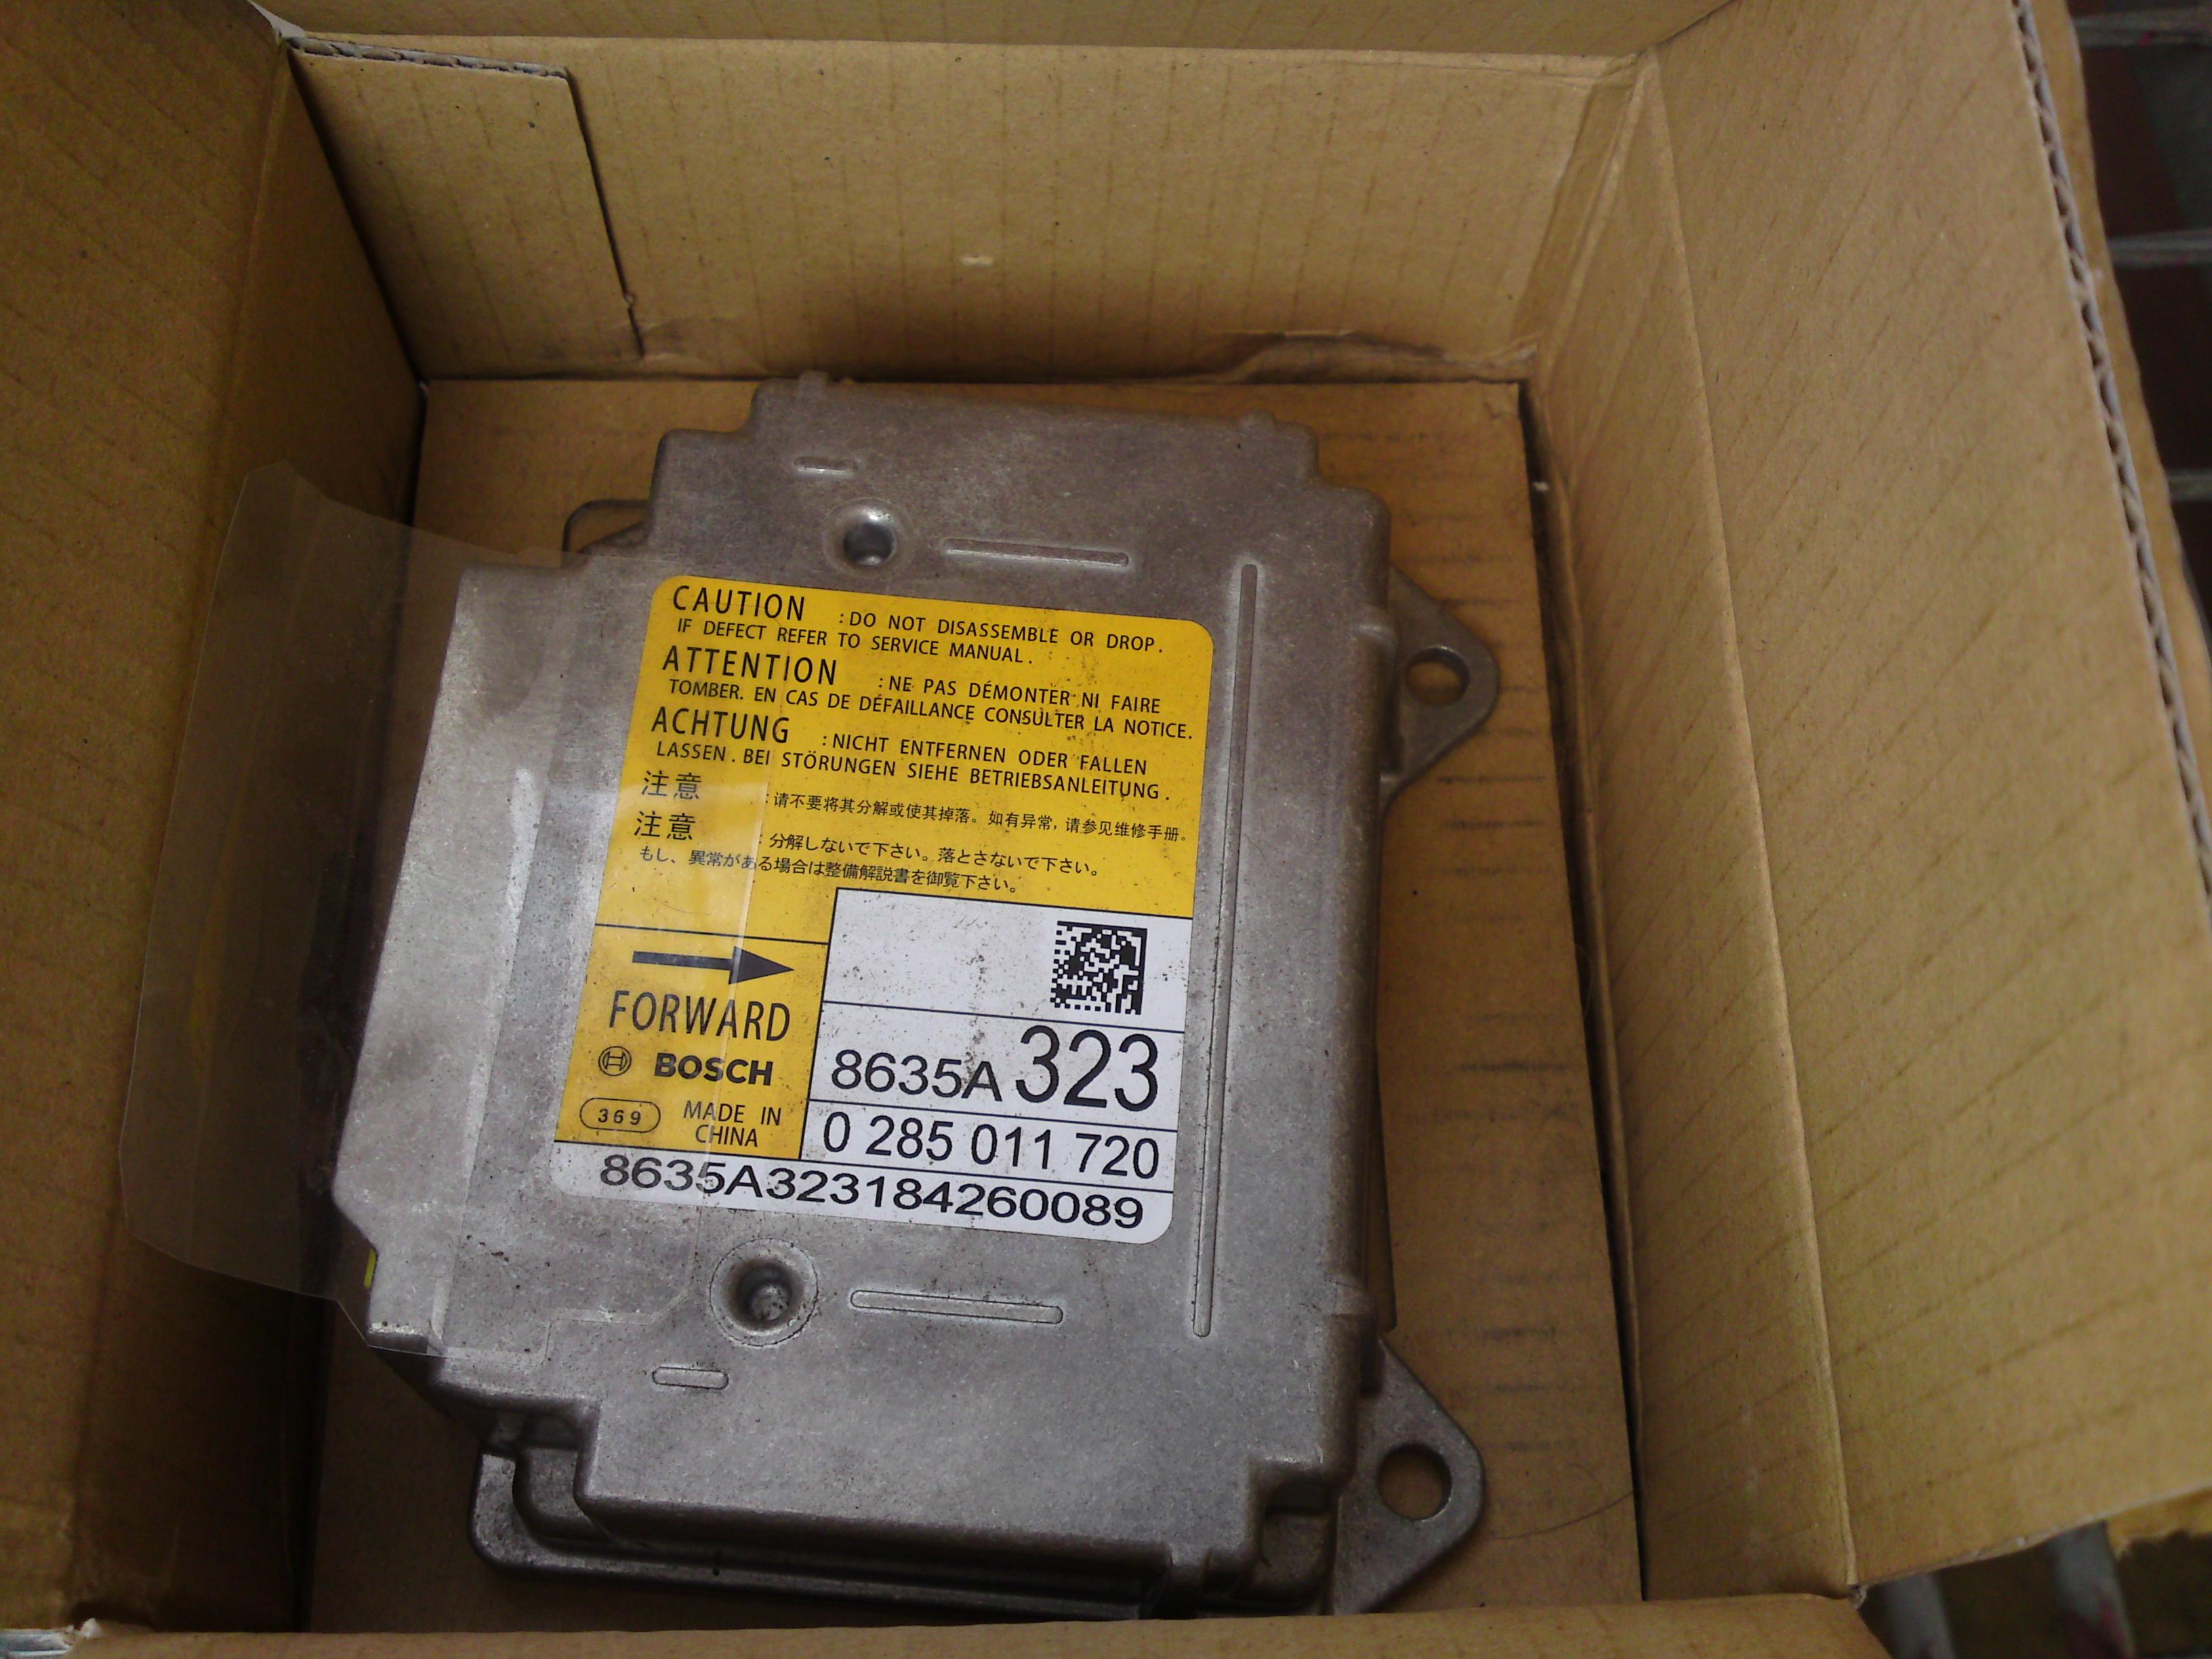 sensor poduszek MITSUBISHI ASX outlander USA 8635A323 nowy czysty